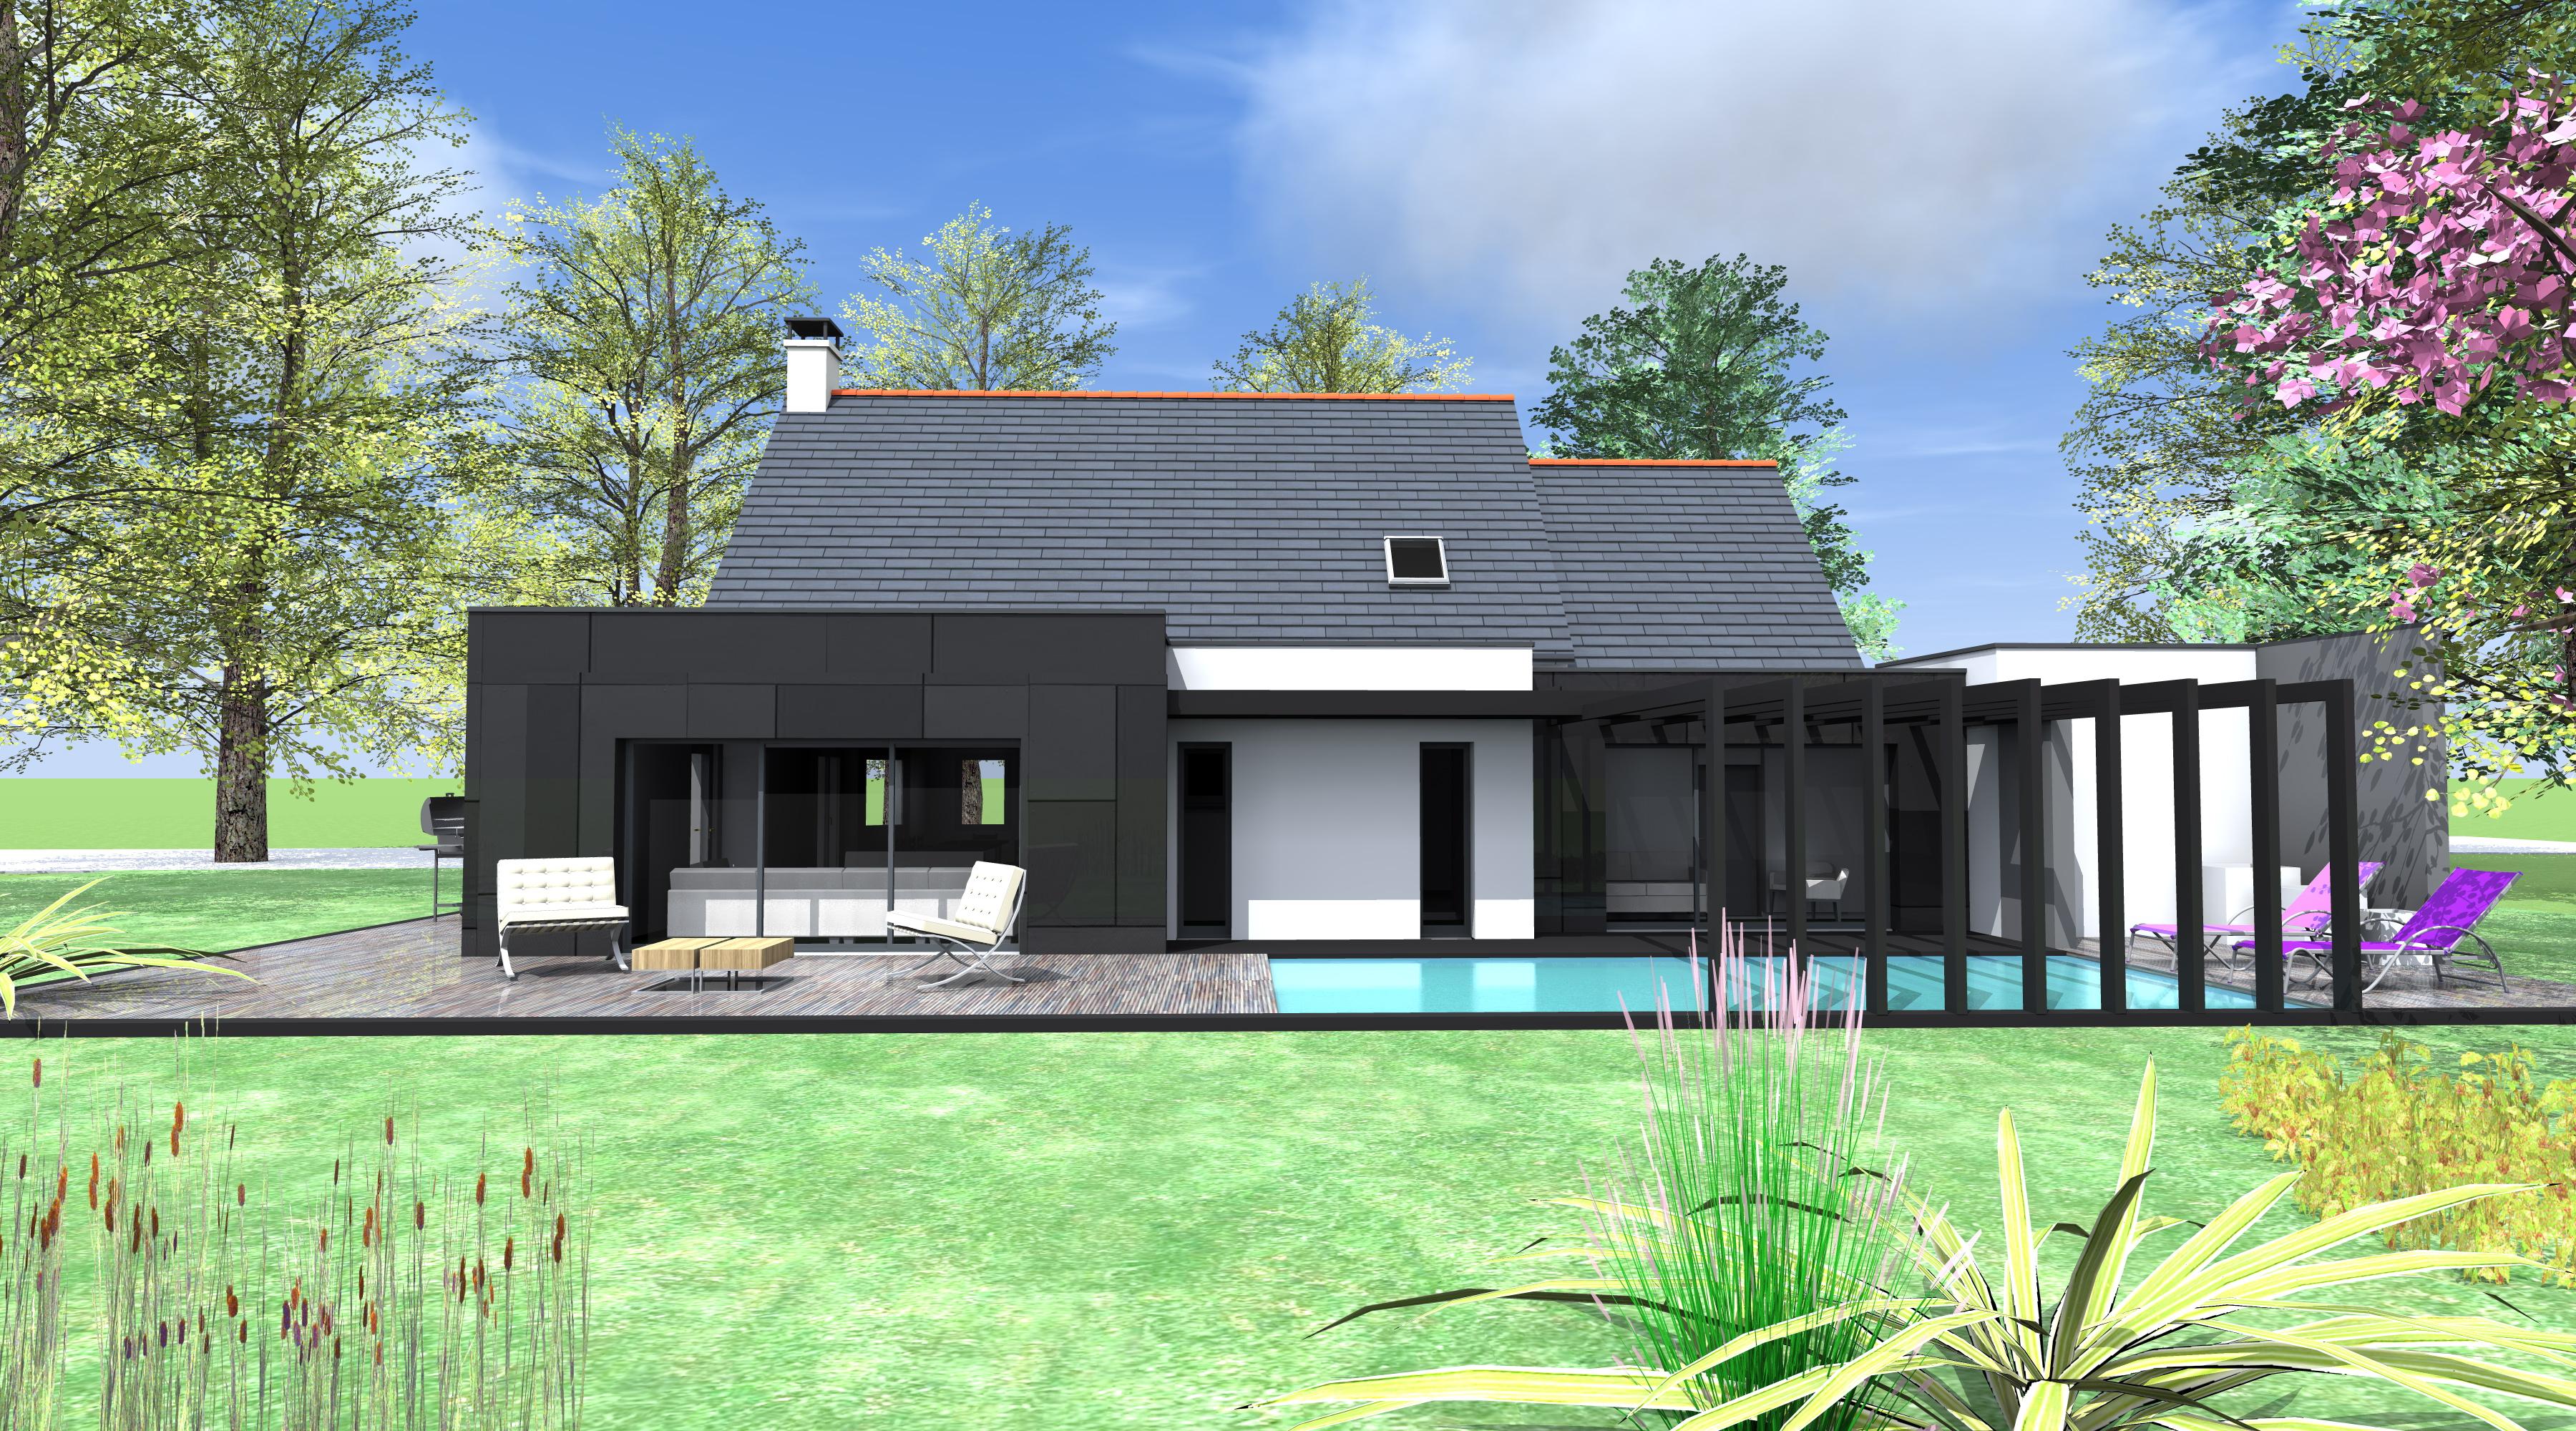 Agrandissement Maison Néo Bretonne extension piscine - 1.2 vue – architecte / lise roturier